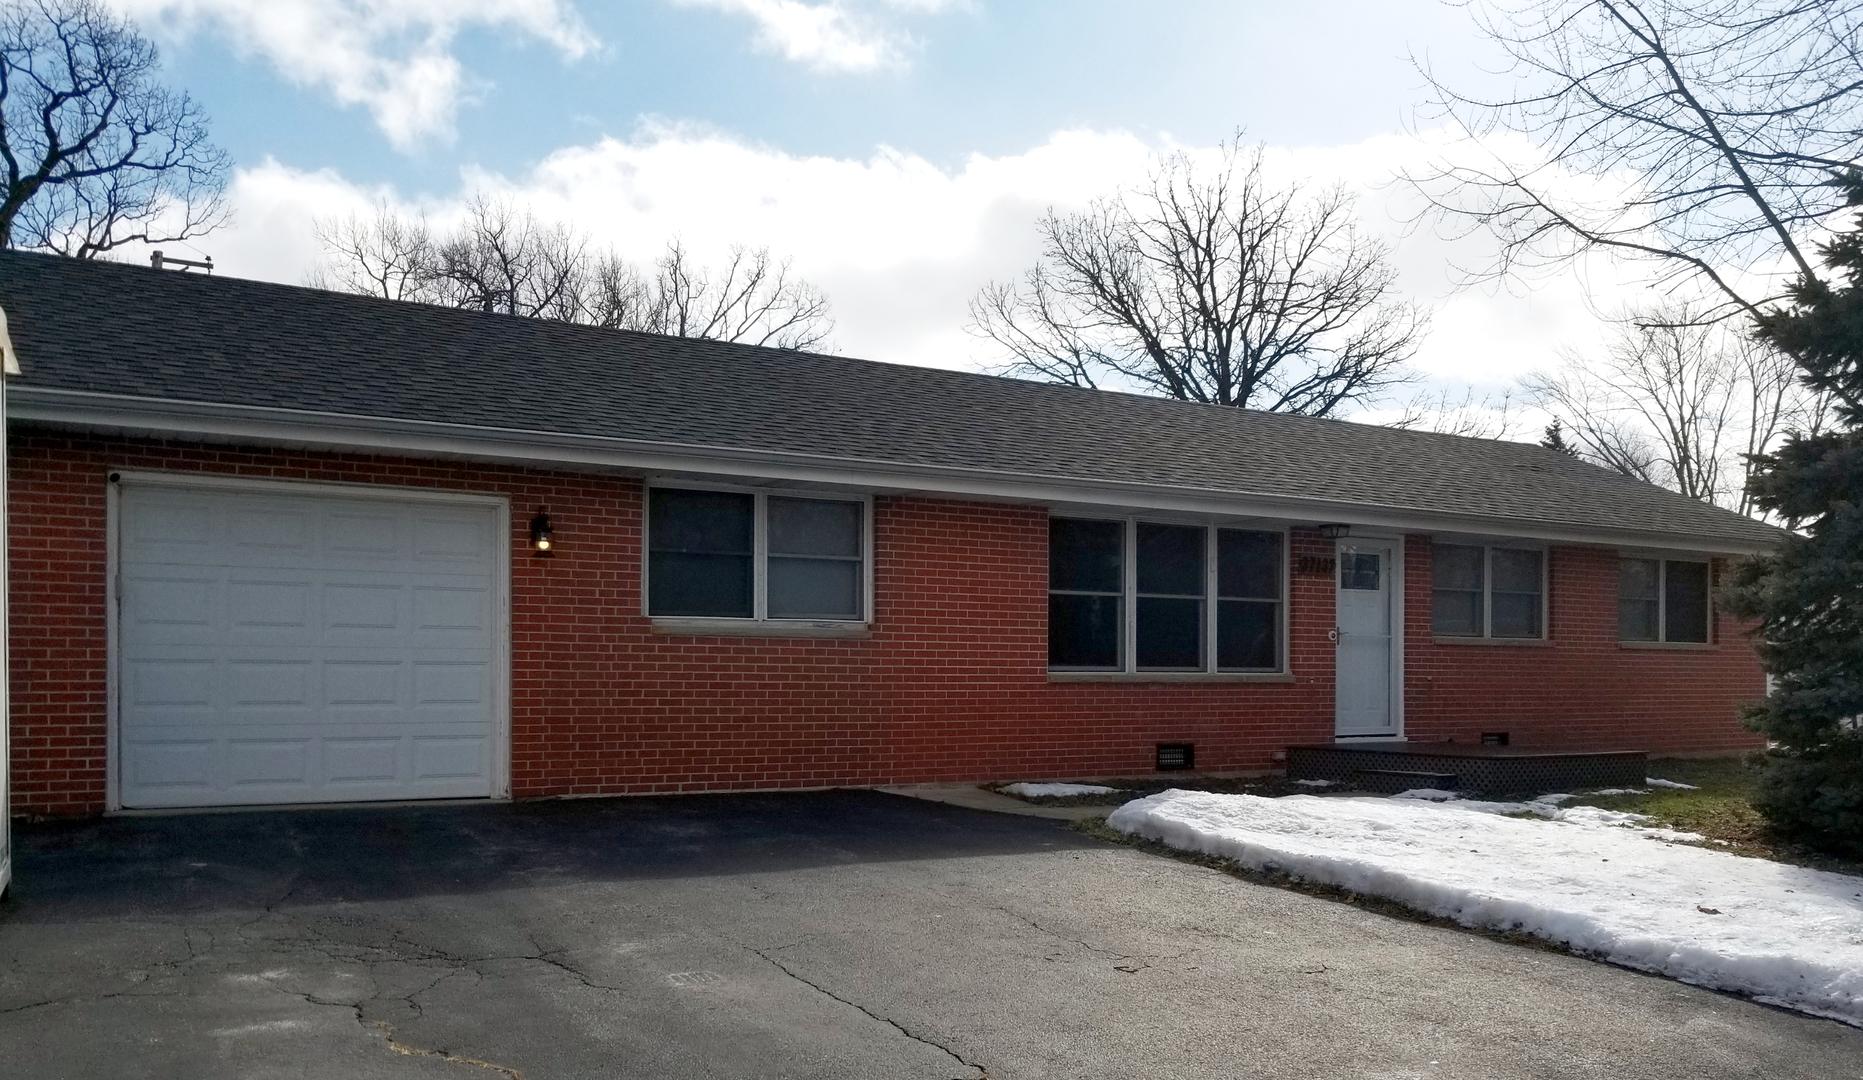 37137 North Summerfield Drive, Lake Villa, Illinois 60046